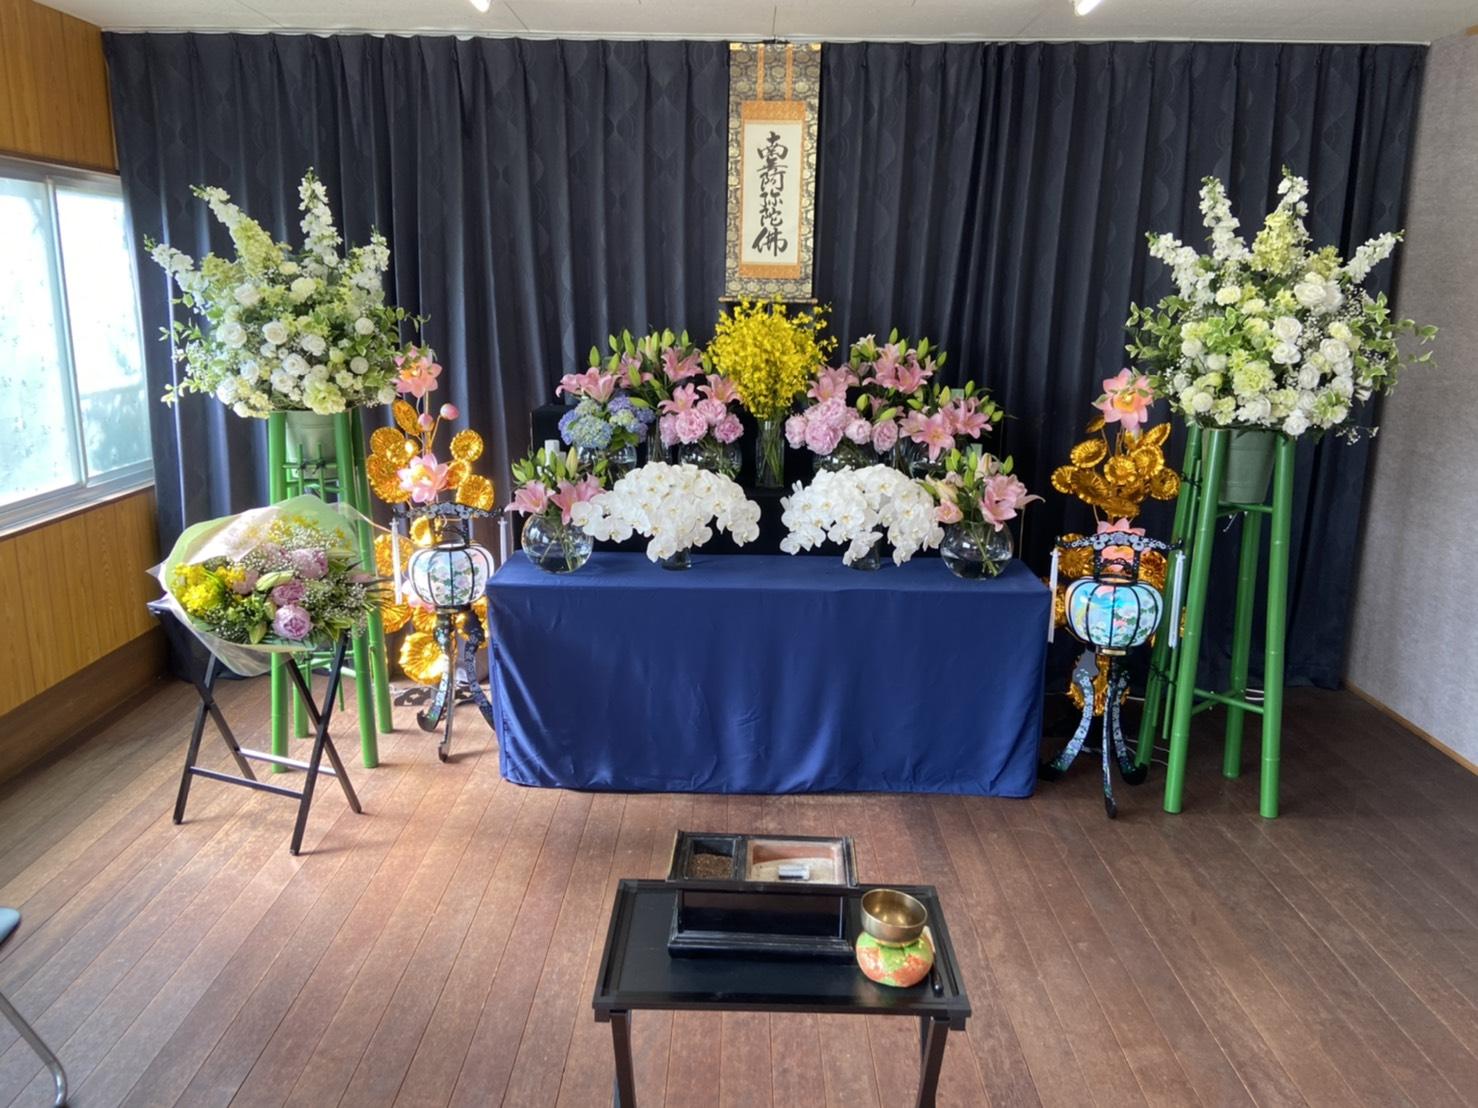 鈴鹿市お花祭壇